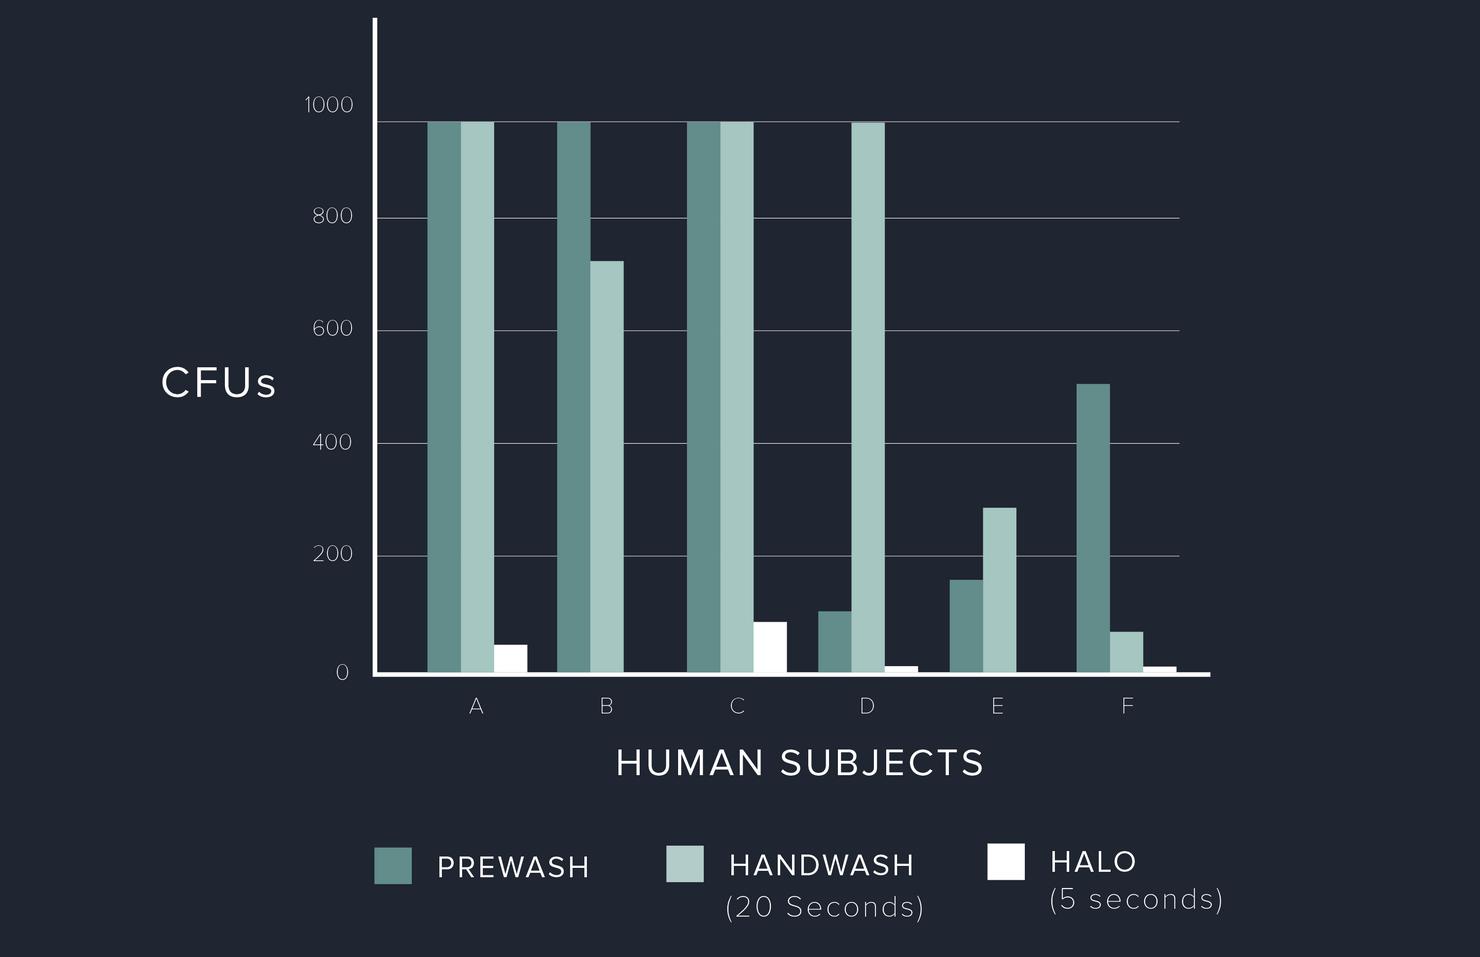 HandwashGraph.png